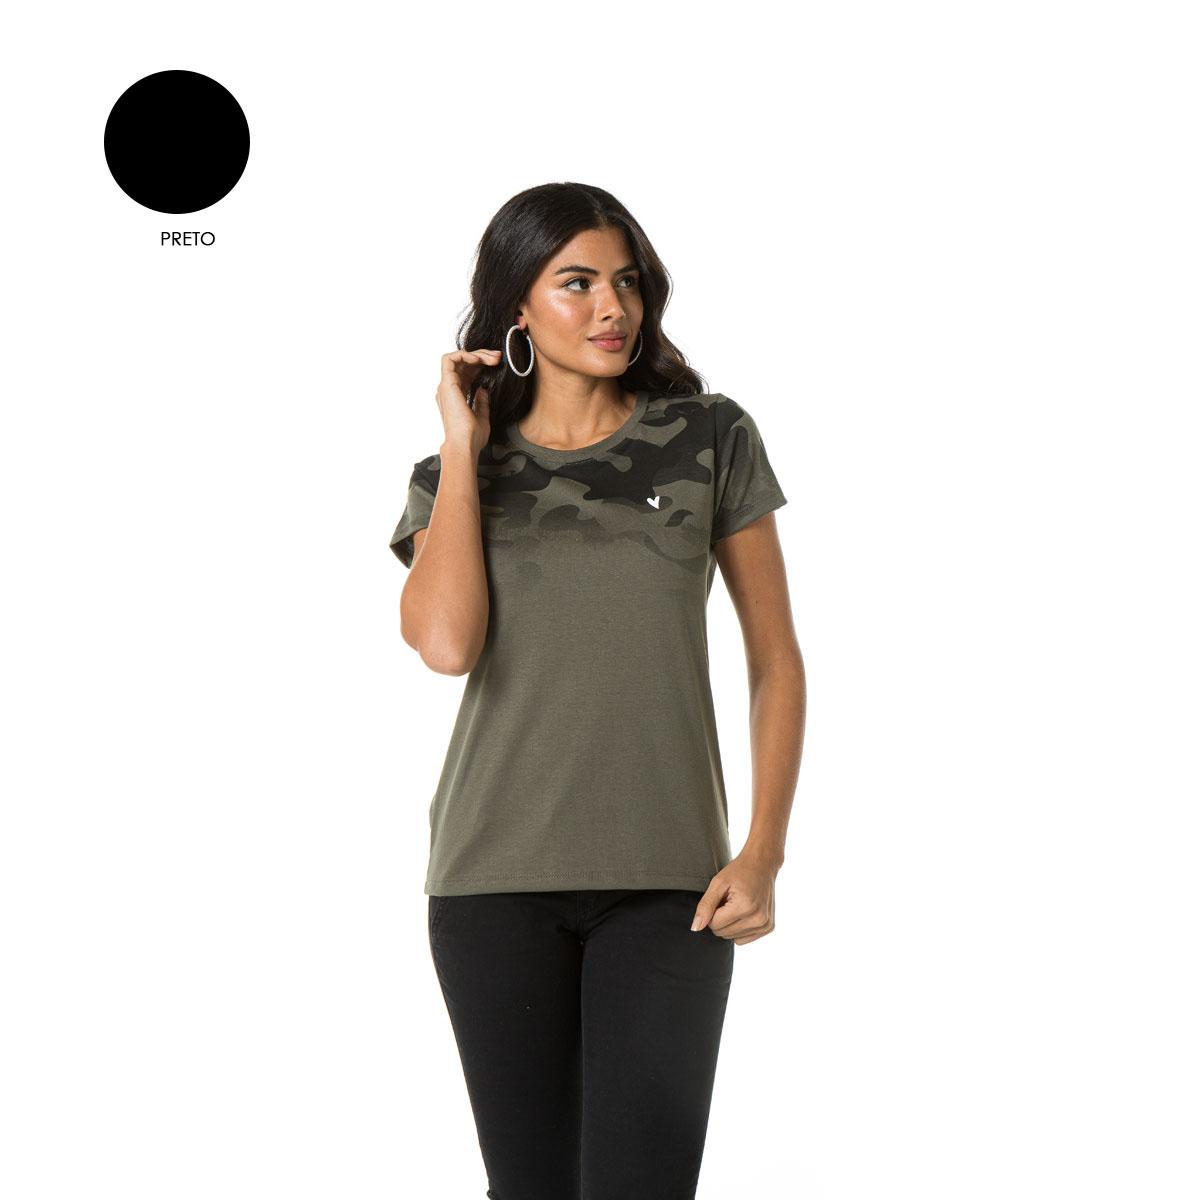 Camiseta camuflada Feminina Sba 61129